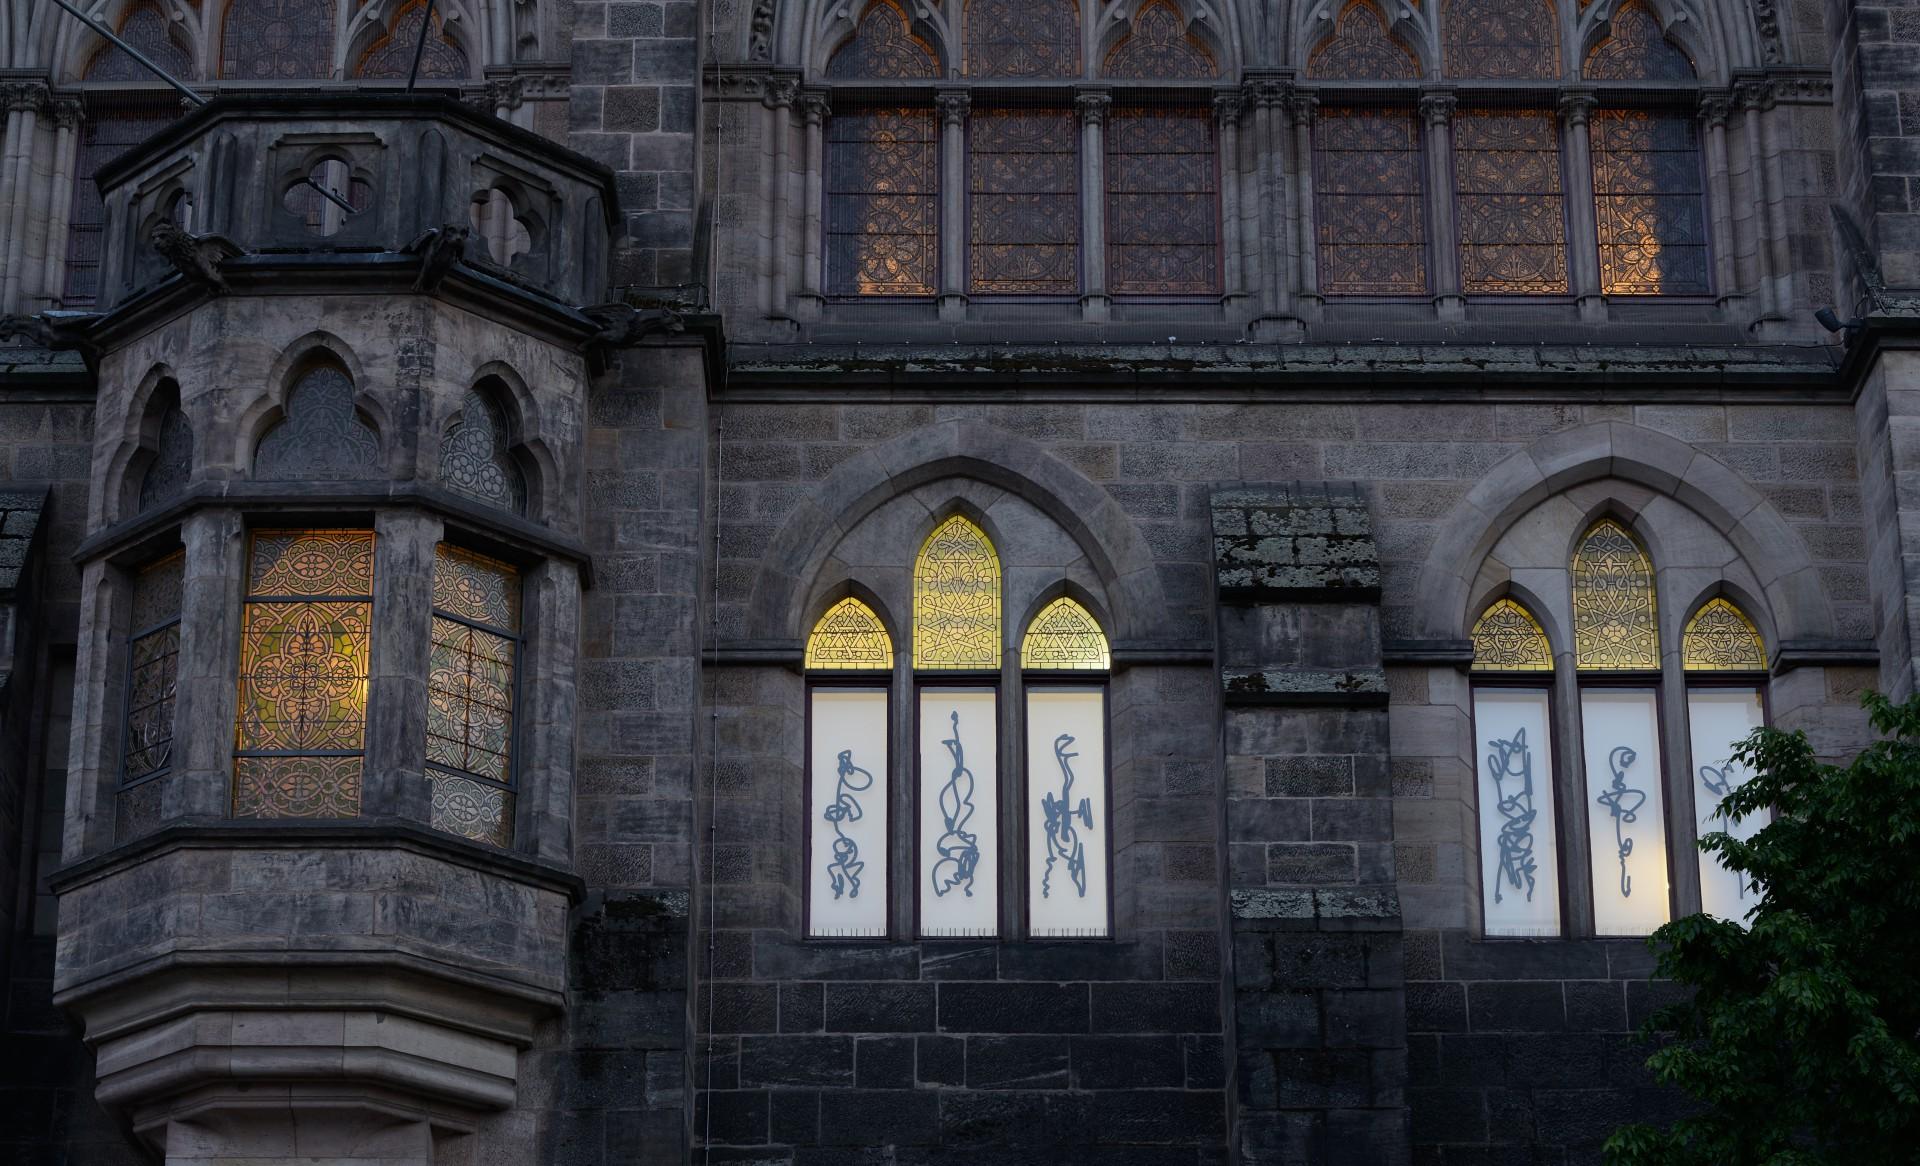 Insgesamt 28 Einzelzeichen markieren umlaufend den Gebäudekomplex der Alten Universität Marburg, 2019 Foto: Andreas Otto